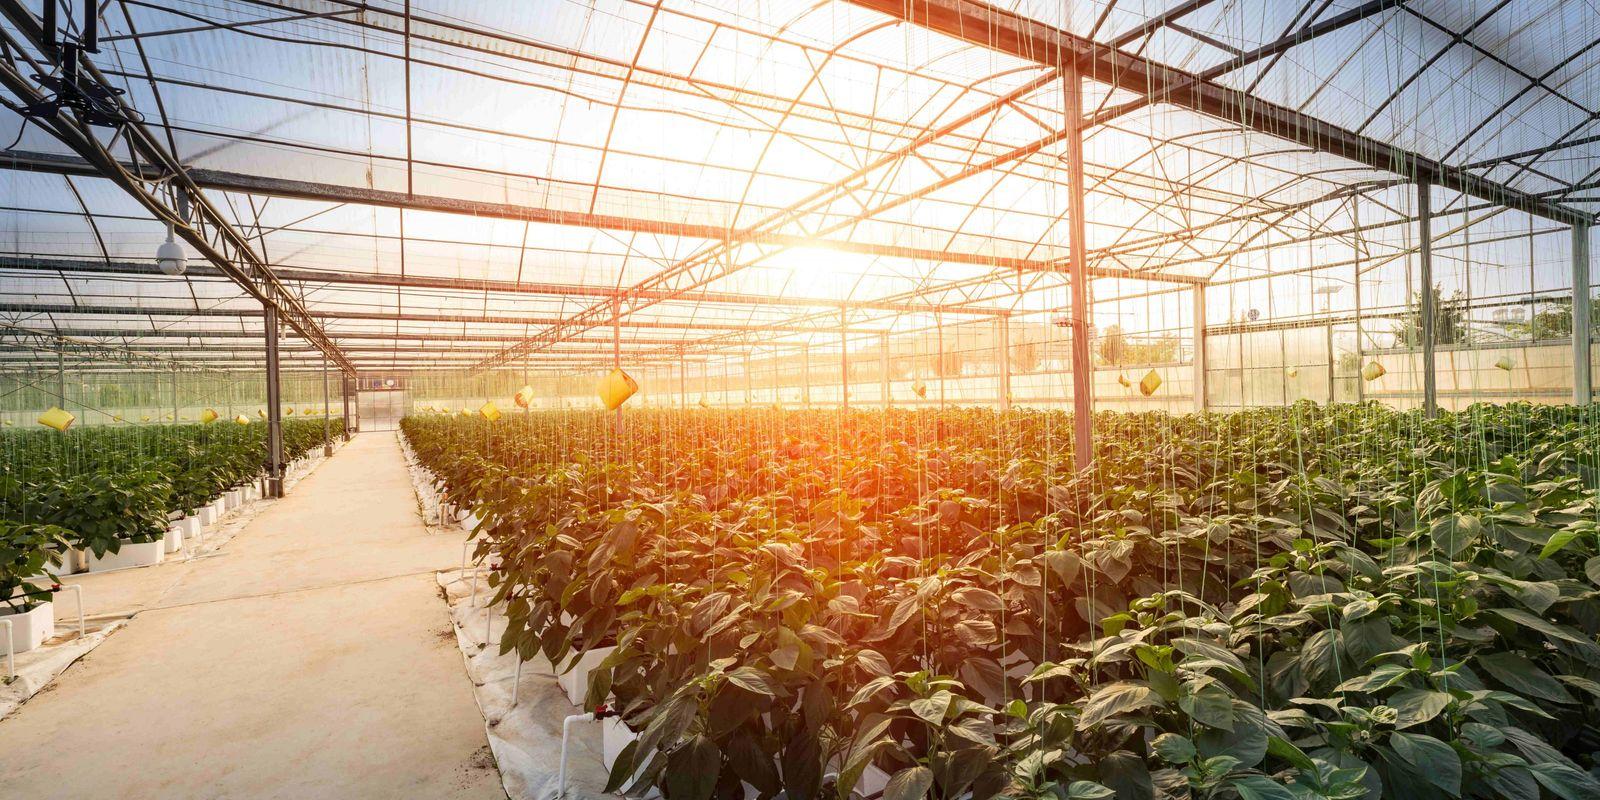 Zukunft des Agrarwesens: Wie werden 10 Mrd. Menschen satt?